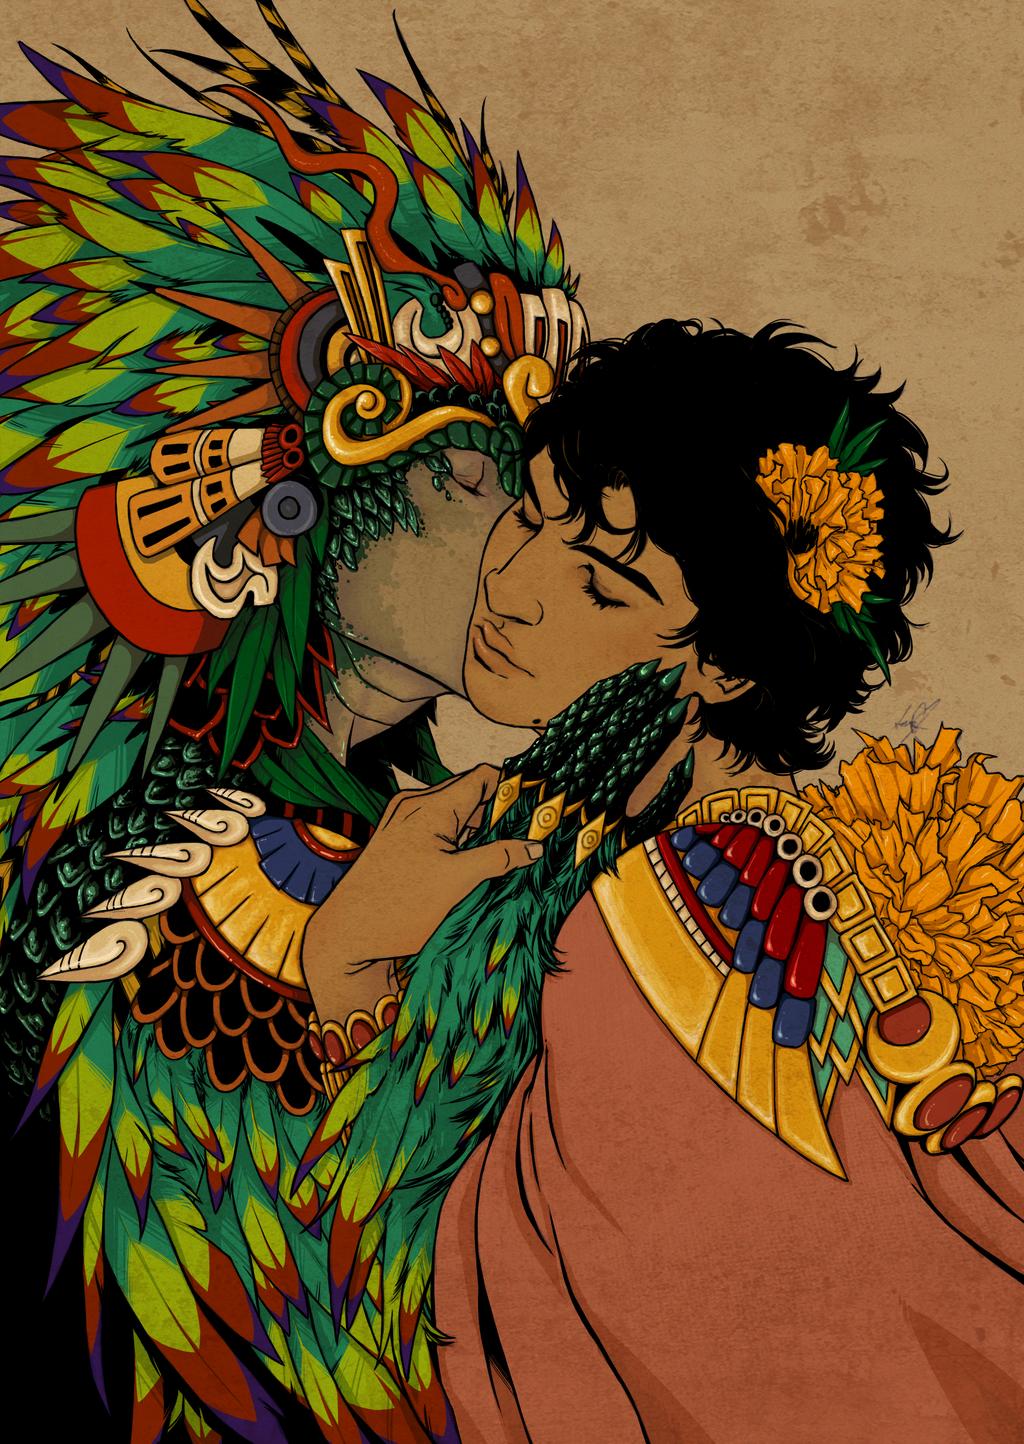 Quetzalcoatl and Mictlantecuhtli by oldshuck on DeviantArt